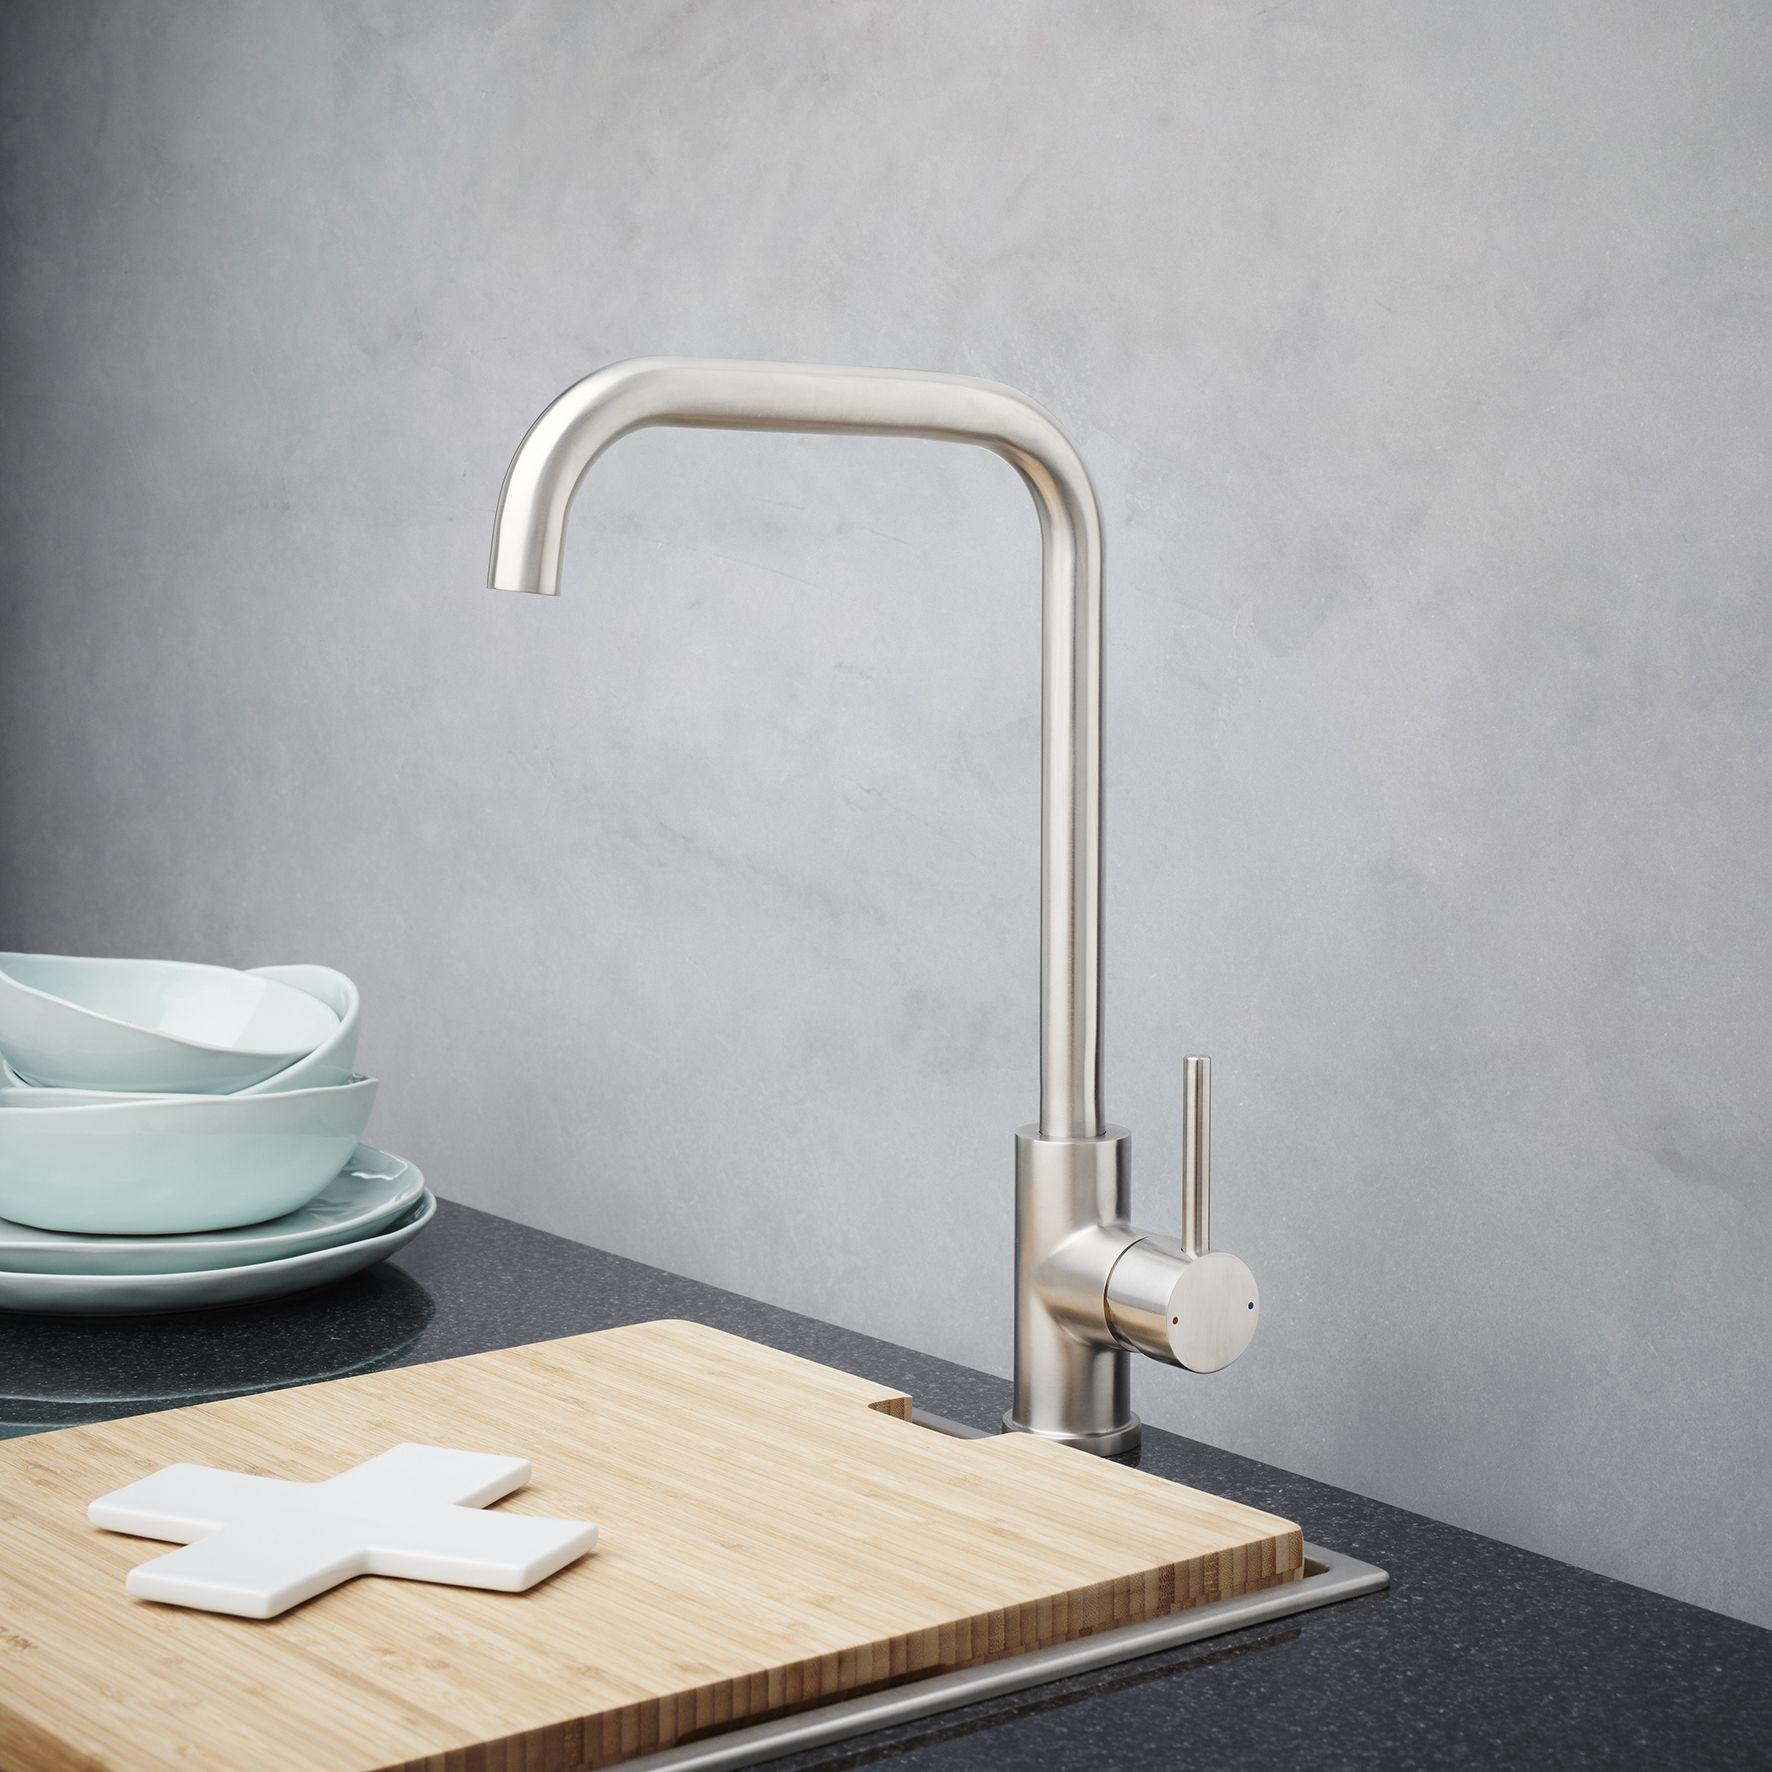 Dorf Maximus Stainless Steel Sink Mixer #Dorf #DorfStyle #KitchenTap ...